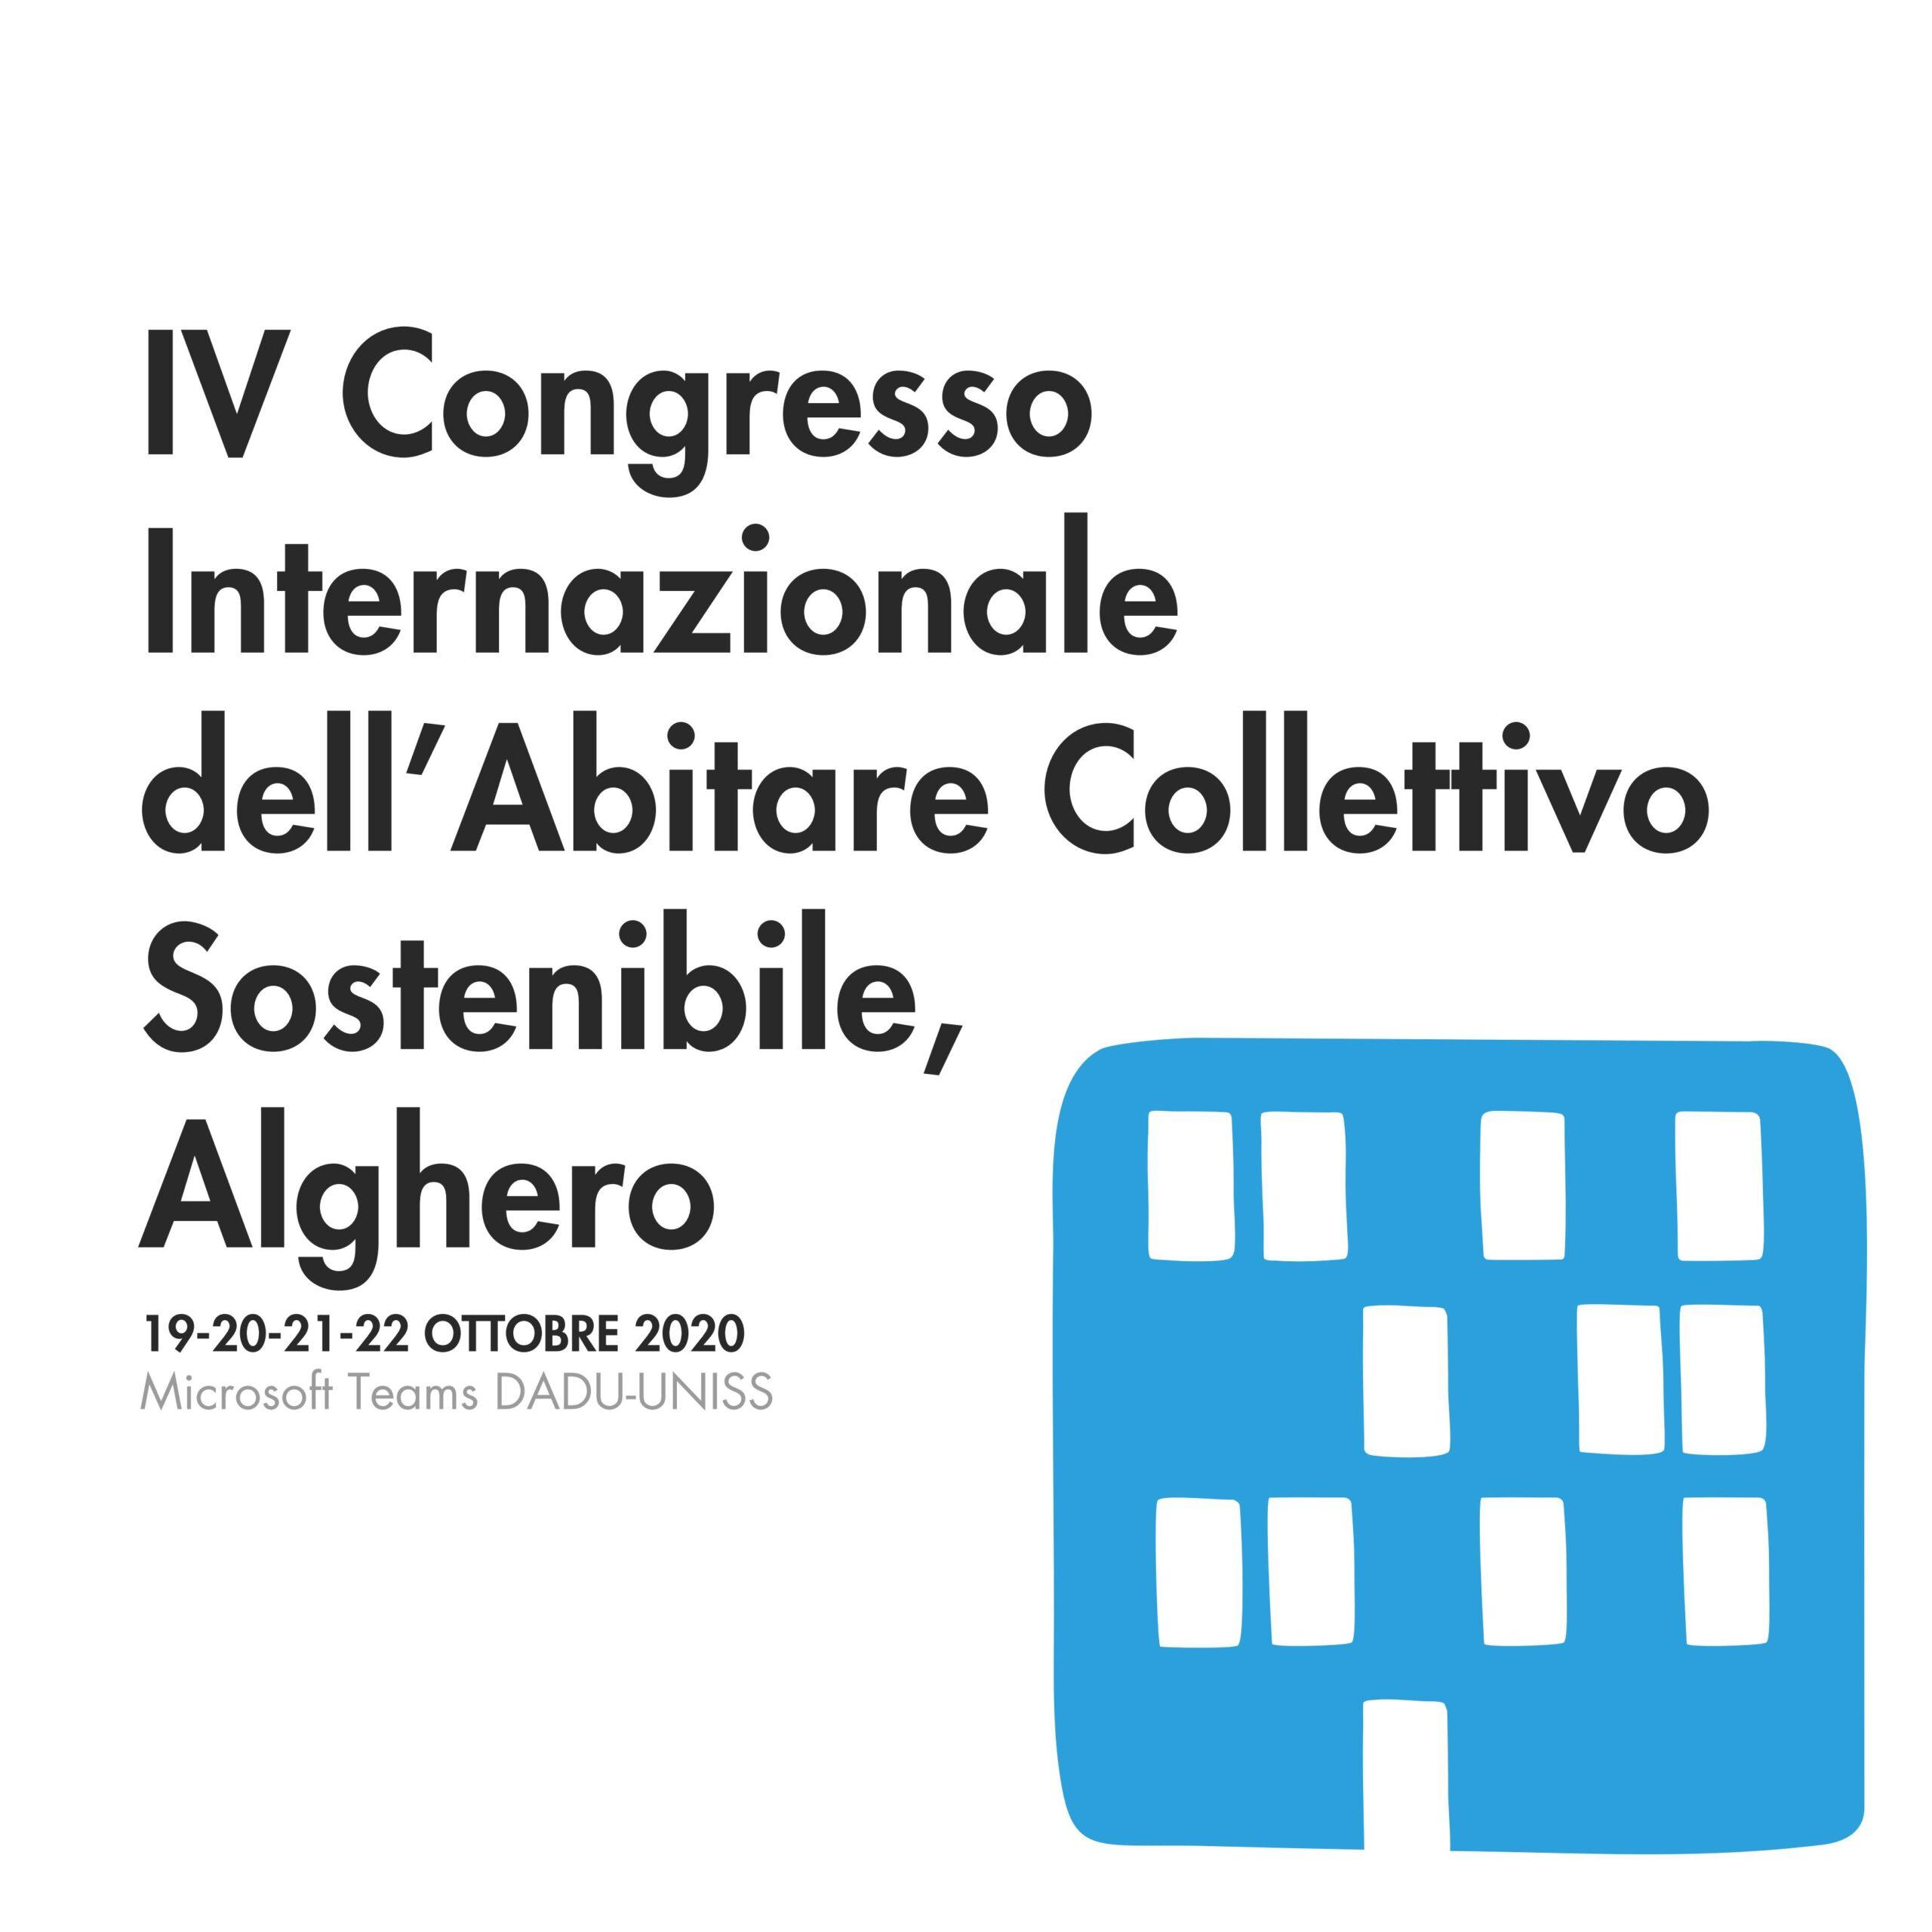 IV Congresso Internazionale dell'Abitare Collettivo  Sostenibile, Alghero